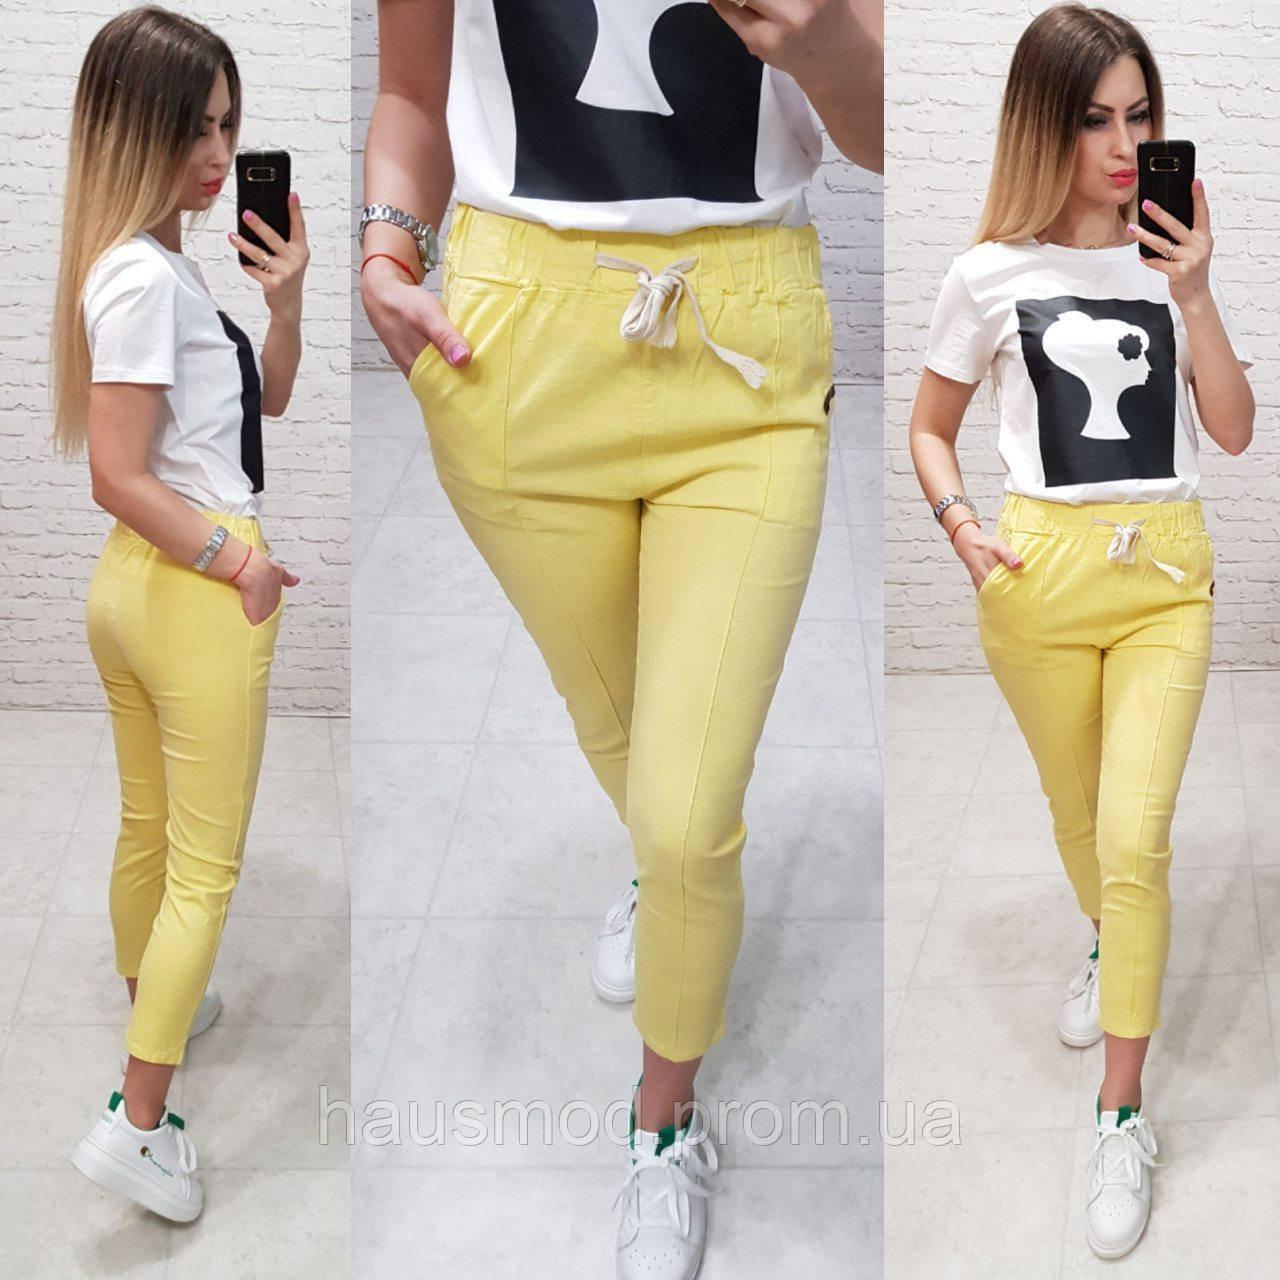 Женские брюки укороченные ткань лен посадка средняя цвет желтый